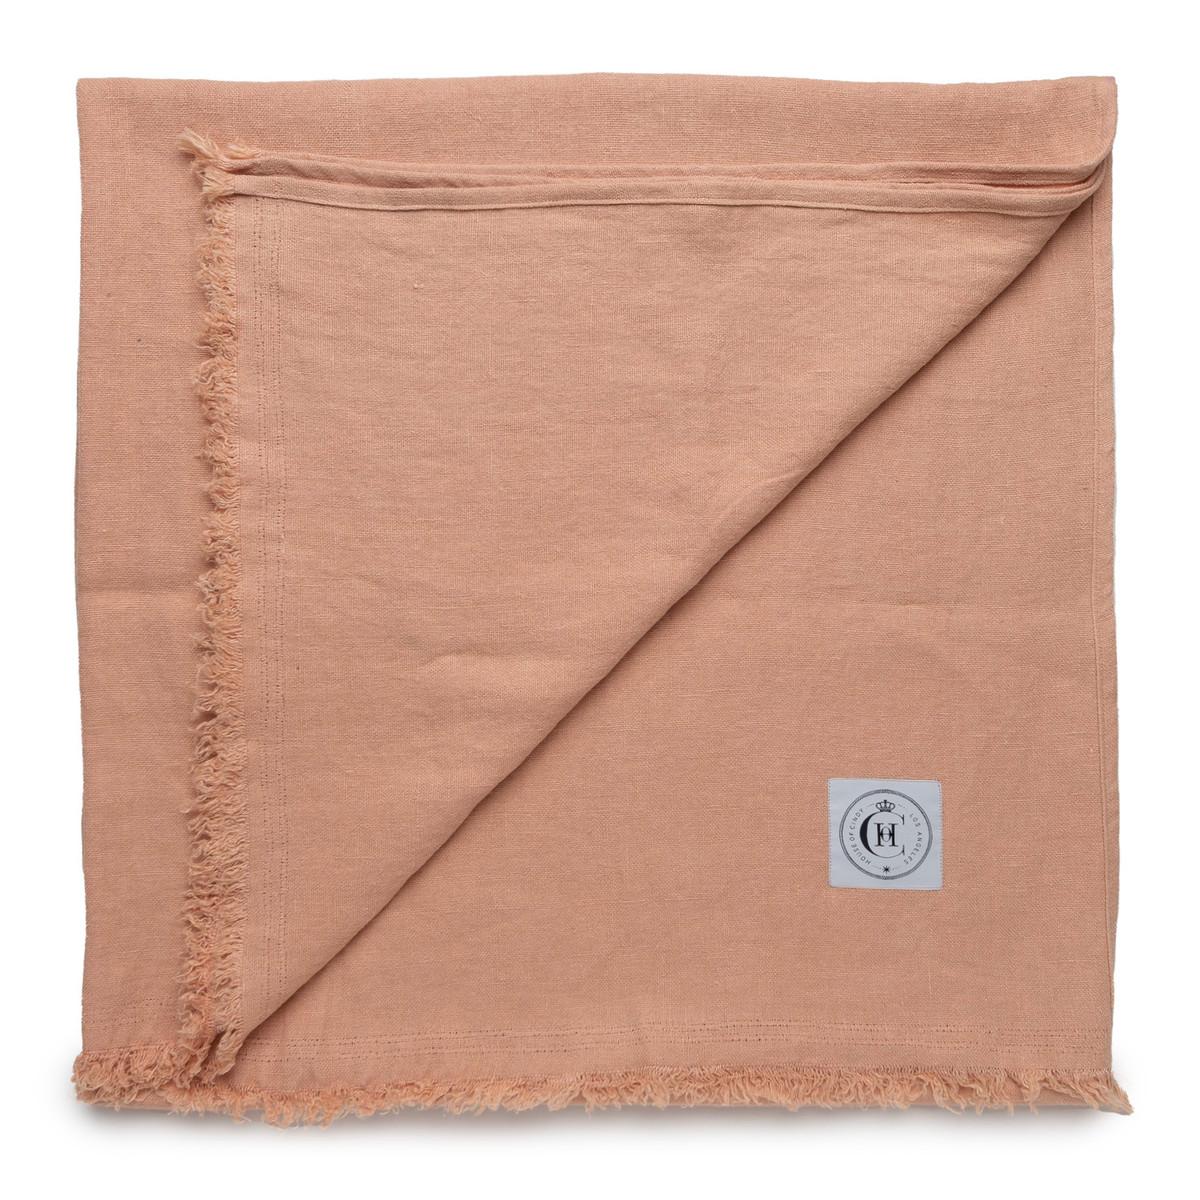 Topanga Throw Blanket- Sahara Sand